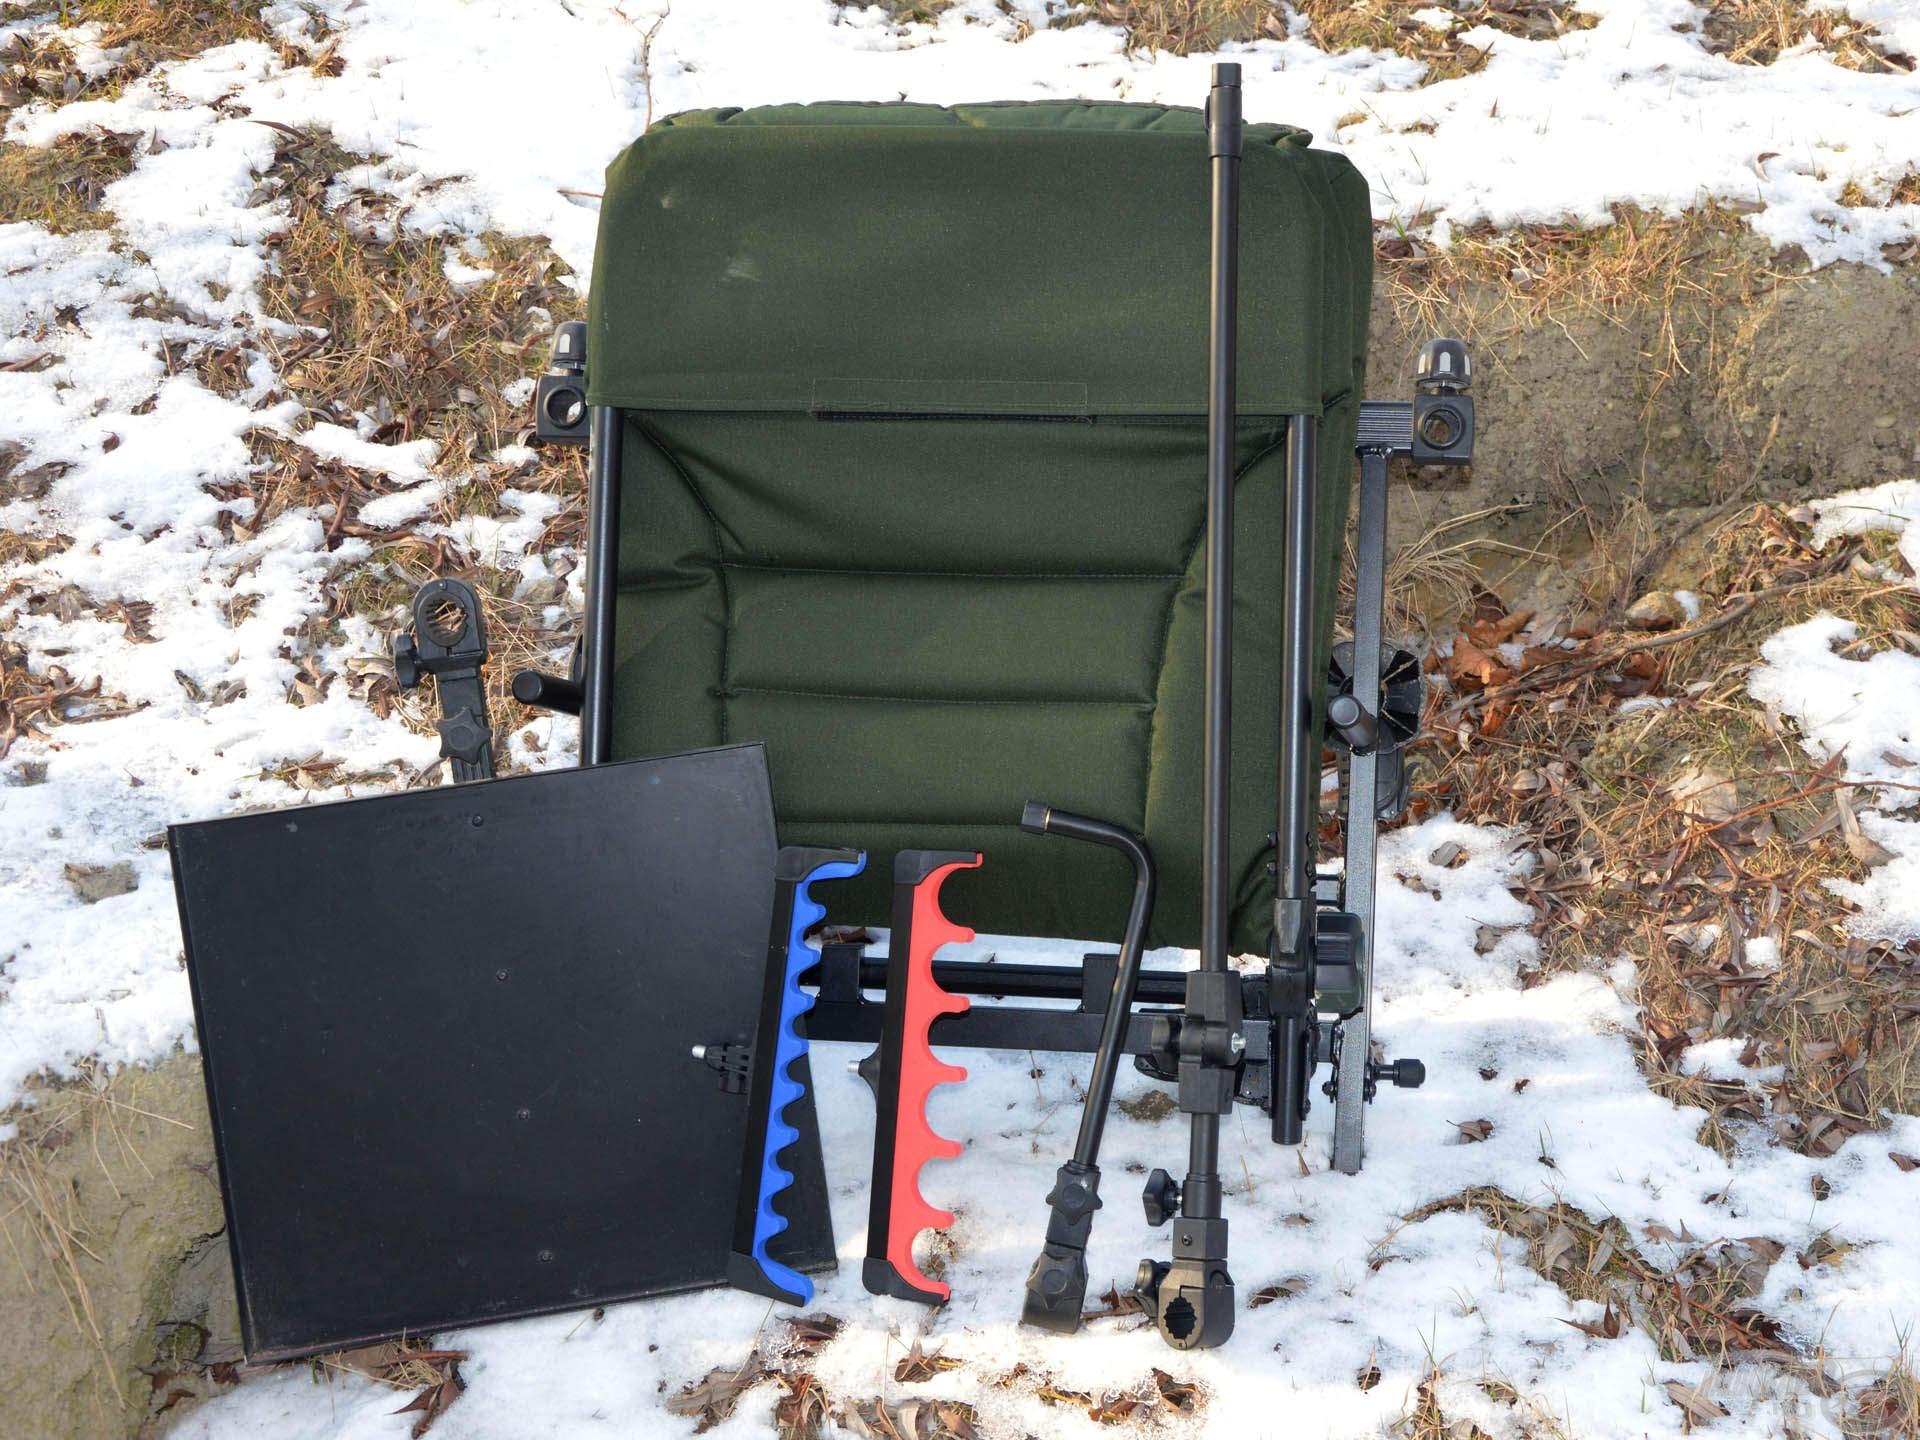 Mindössze ennyi felszerelés elég ahhoz, hogy egy igazán kényelmes, stabil és praktikus horgászállást tudjunk felállítani